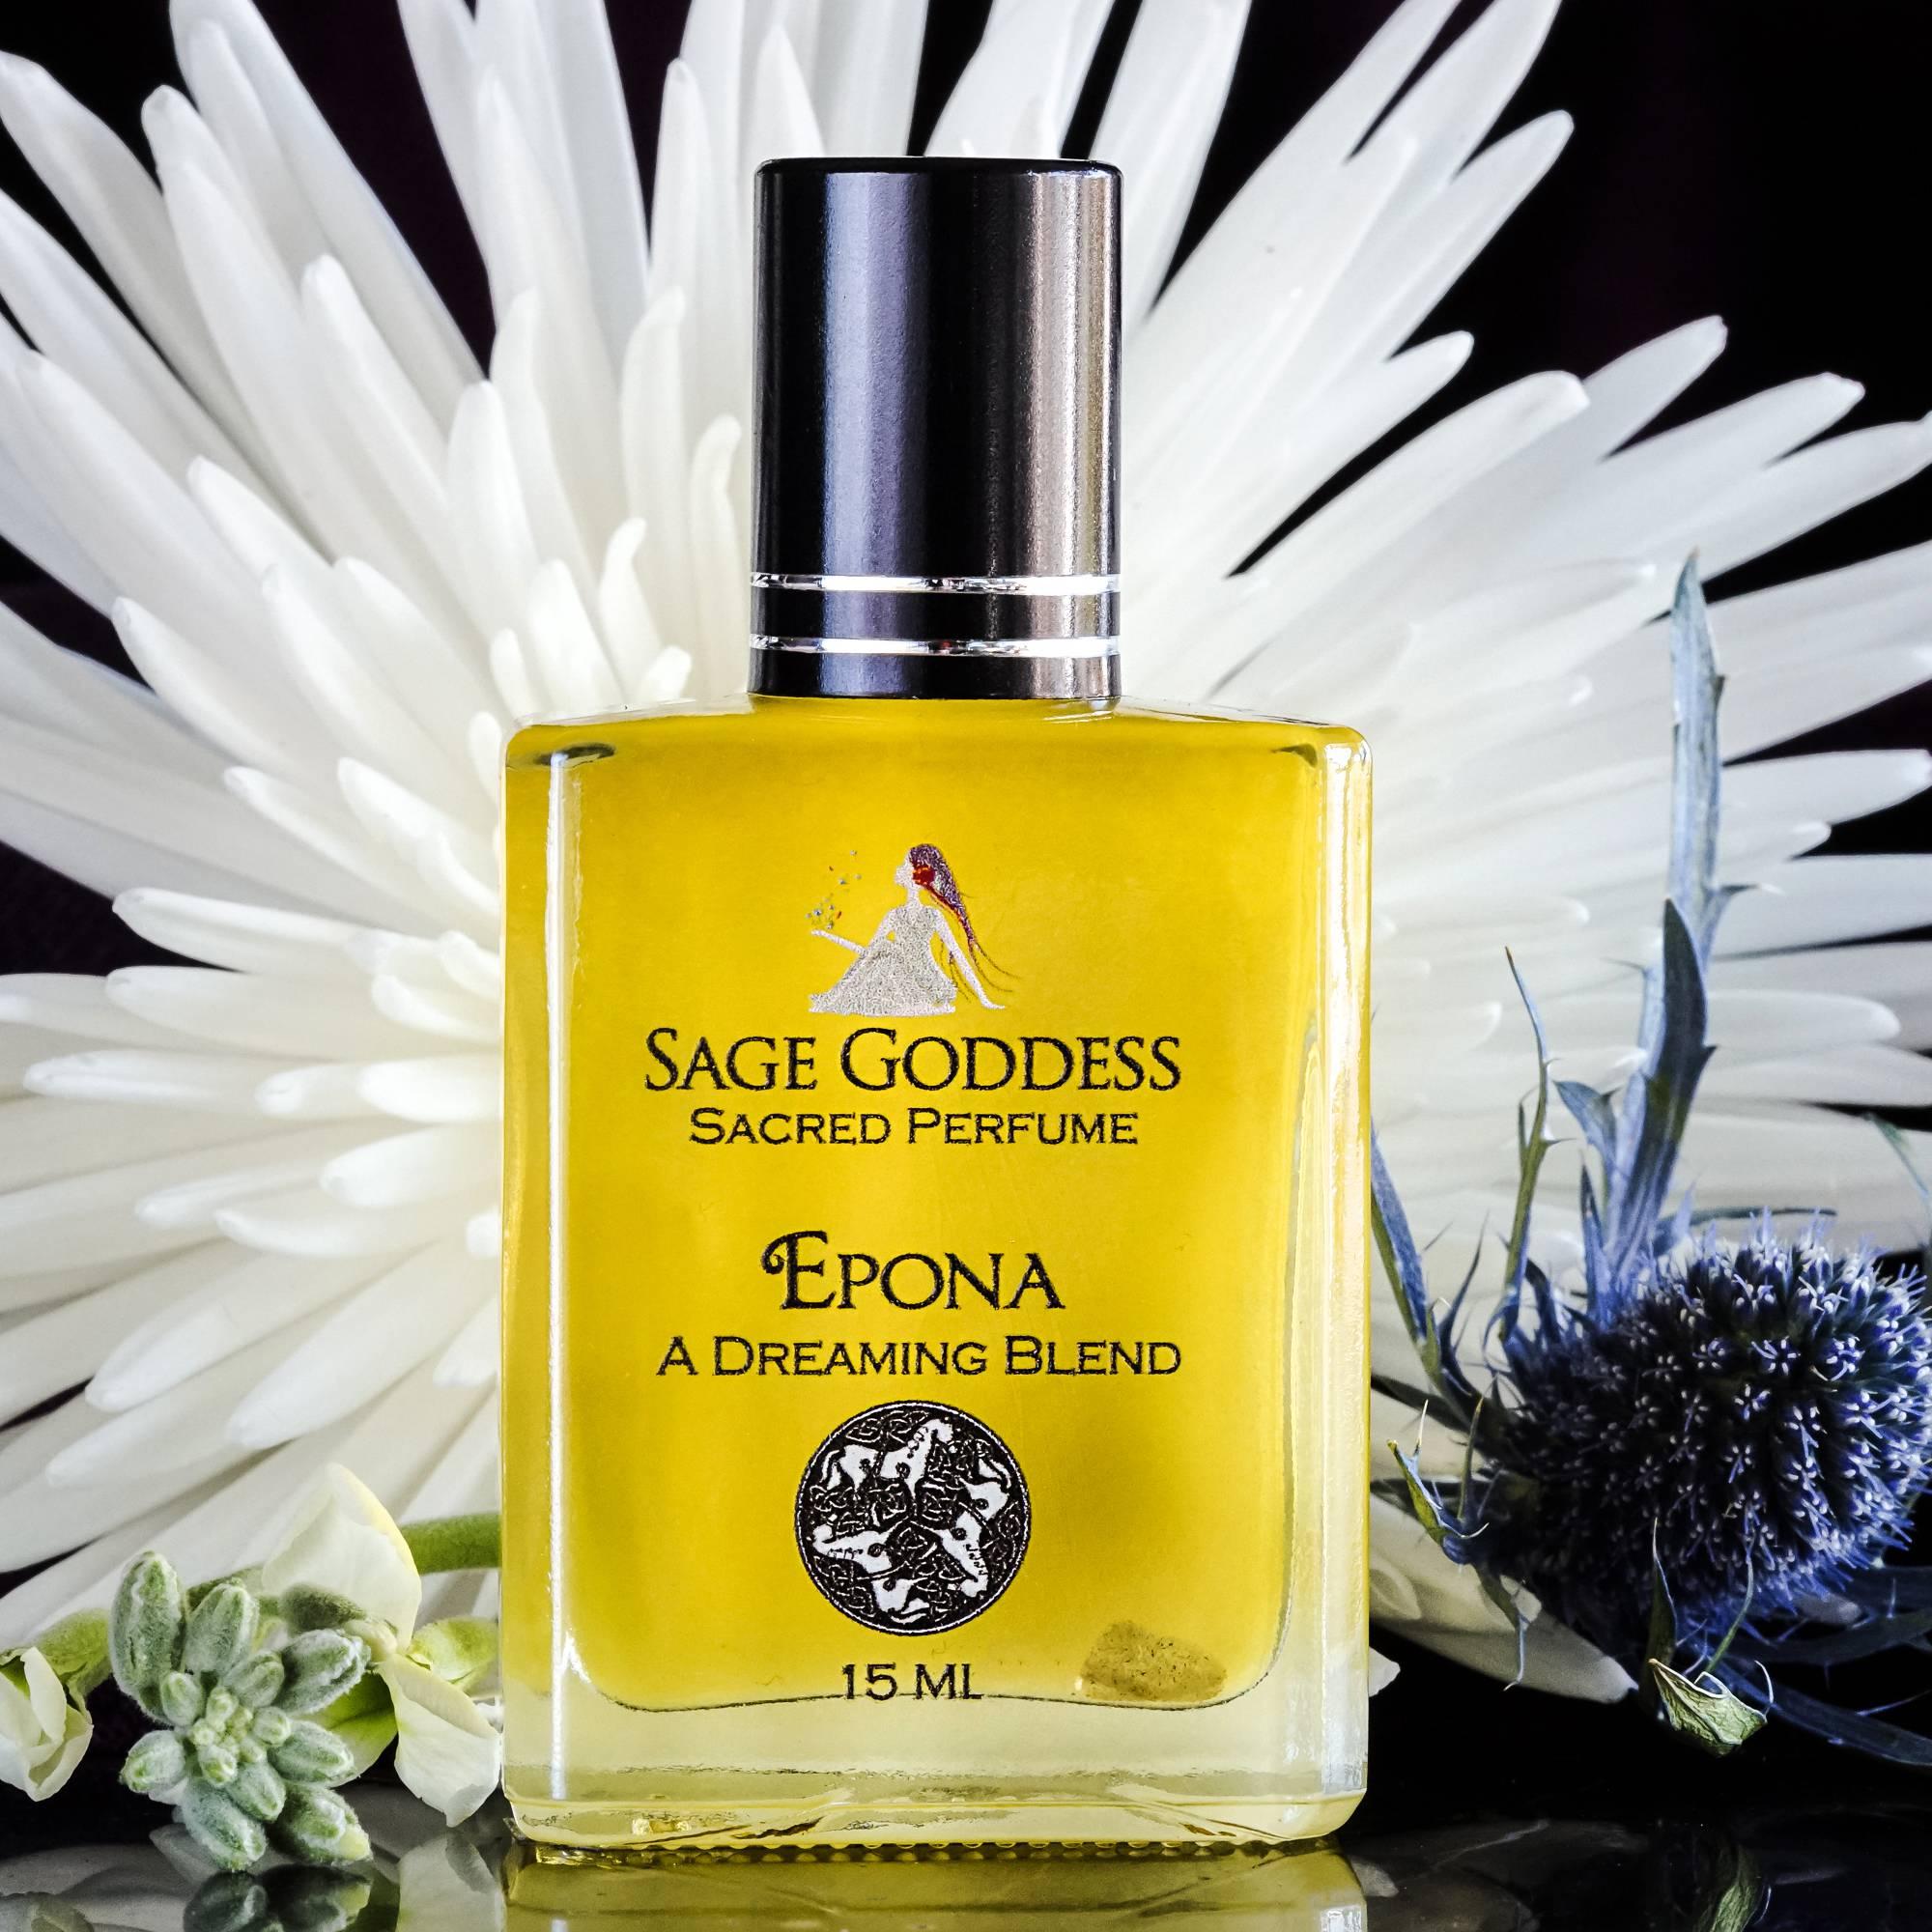 epona perfume